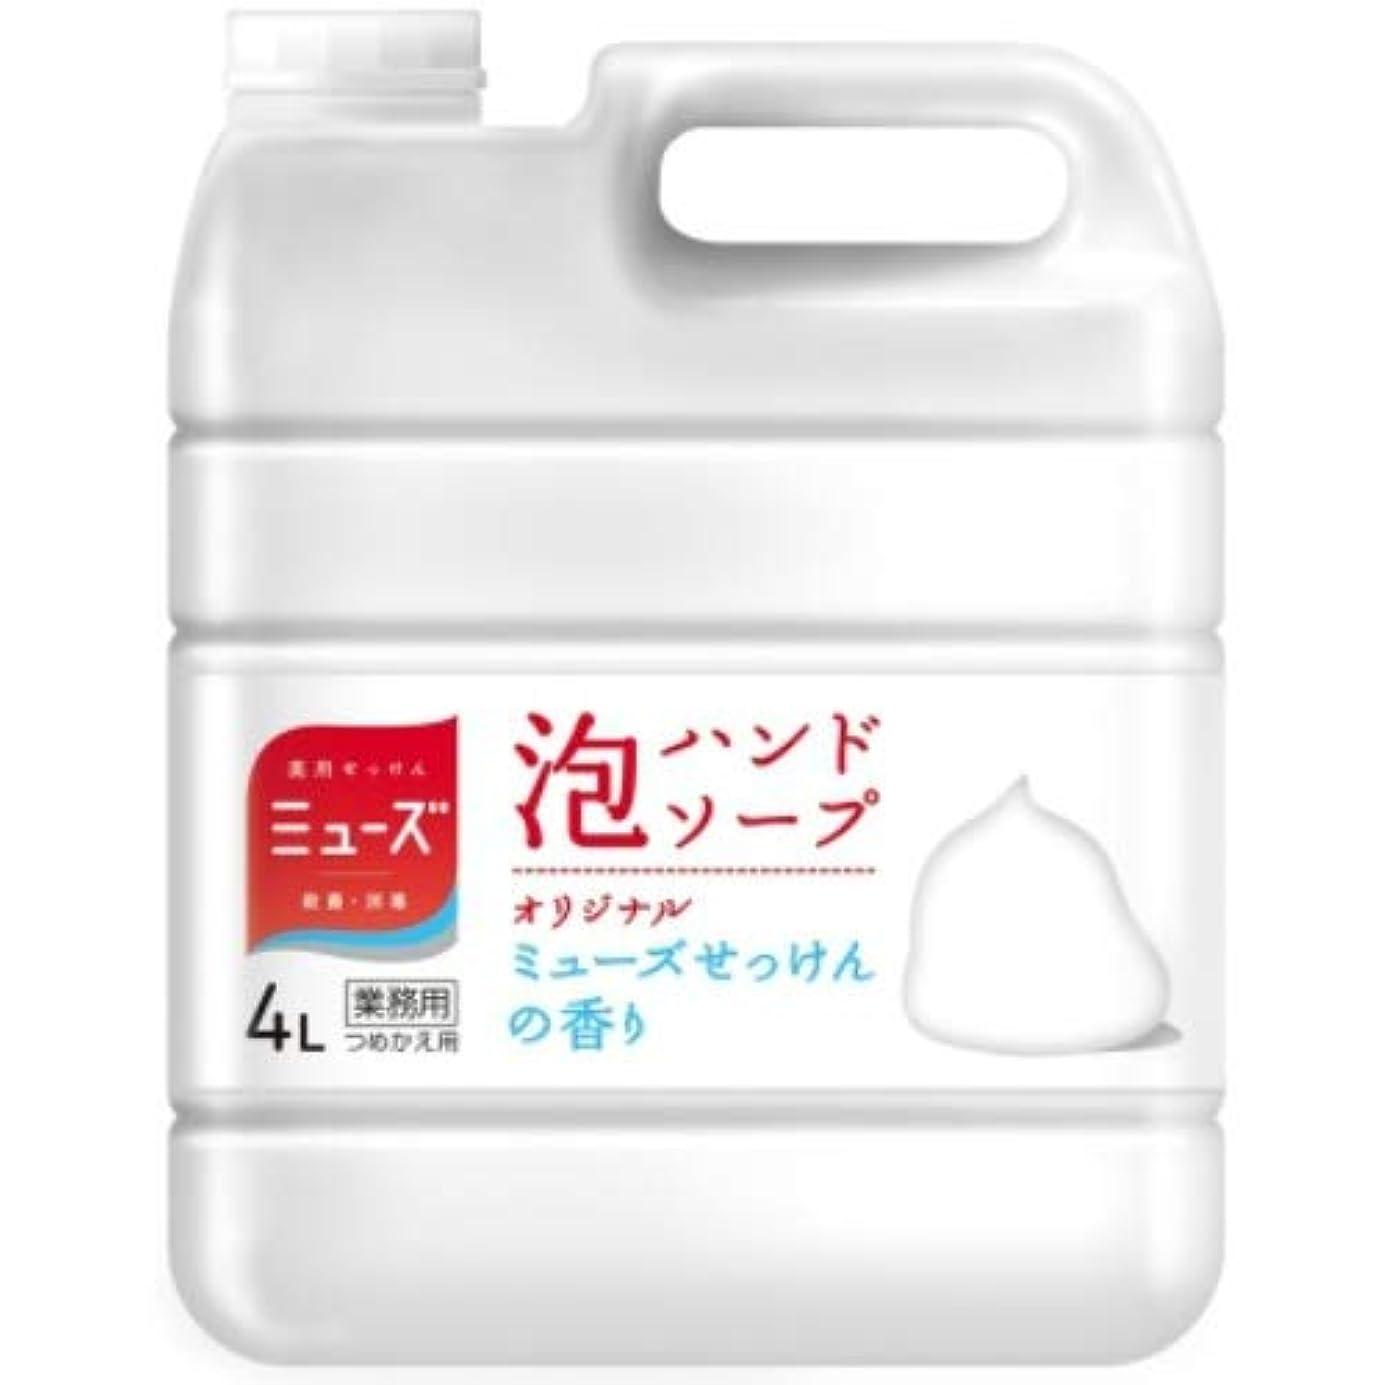 水素パッド眩惑するミューズ 薬用せっけん 泡ハンドソープ オリジナル つめかえ用 特大4L